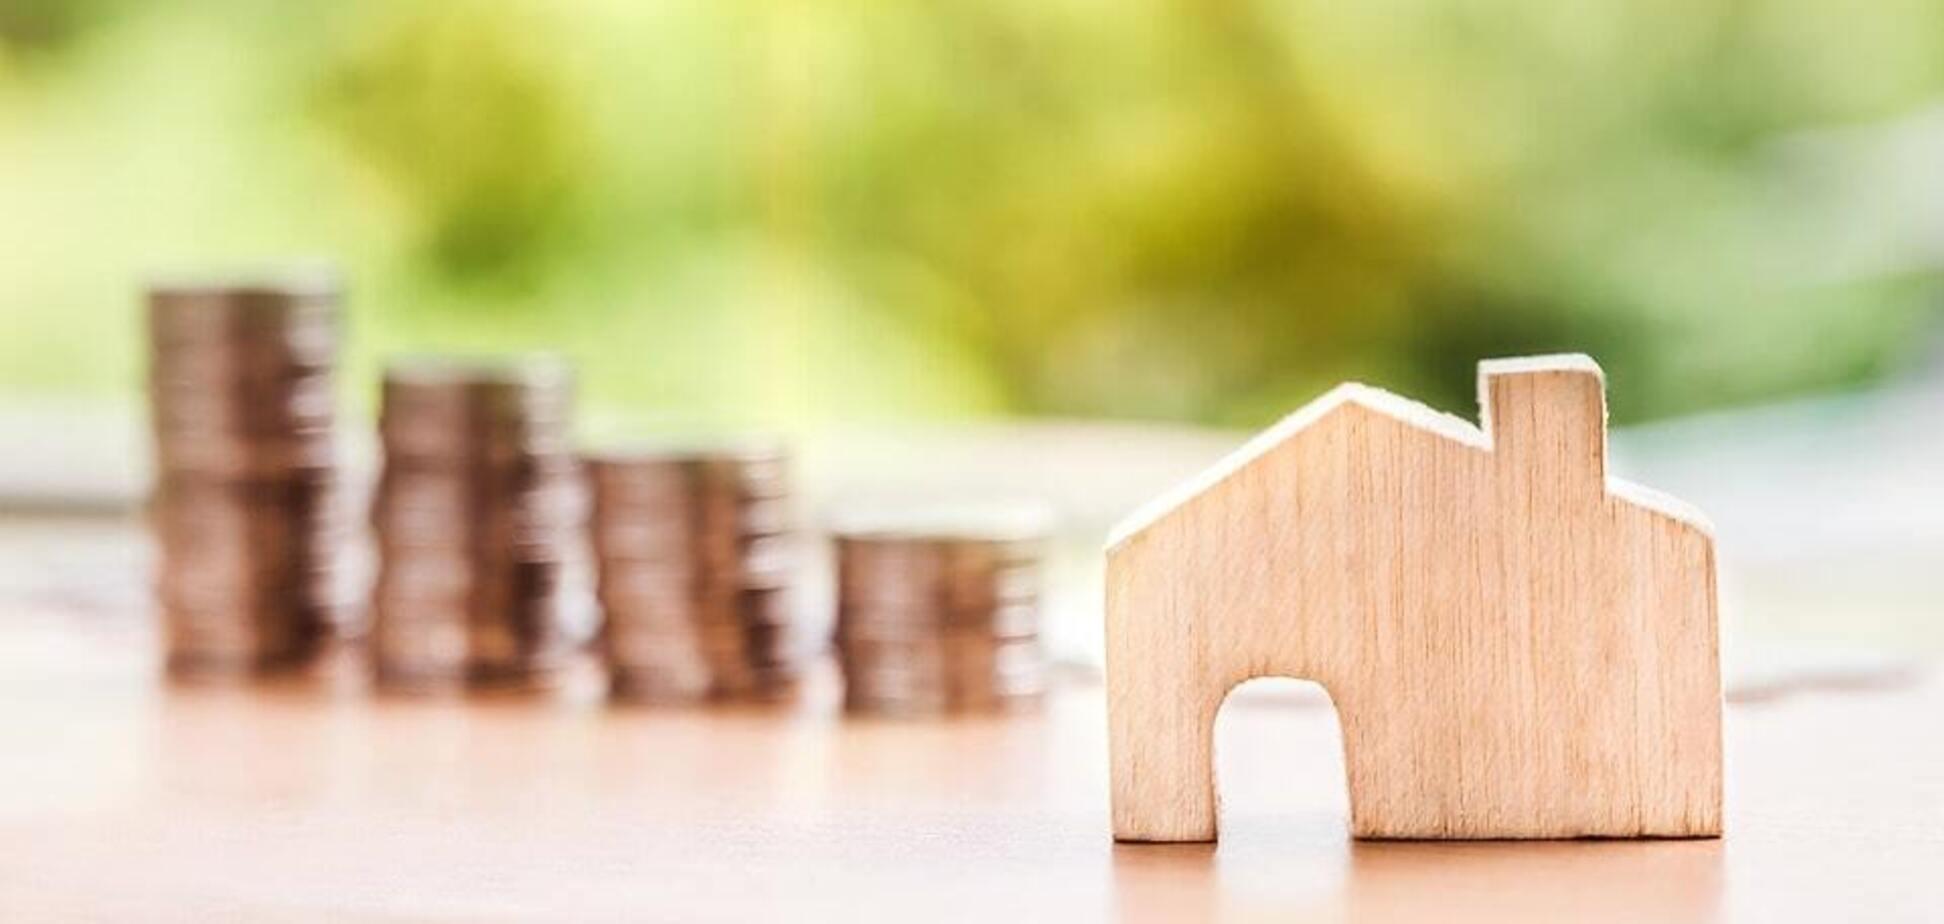 Цены на жилье могут измениться в случае введения локдауна